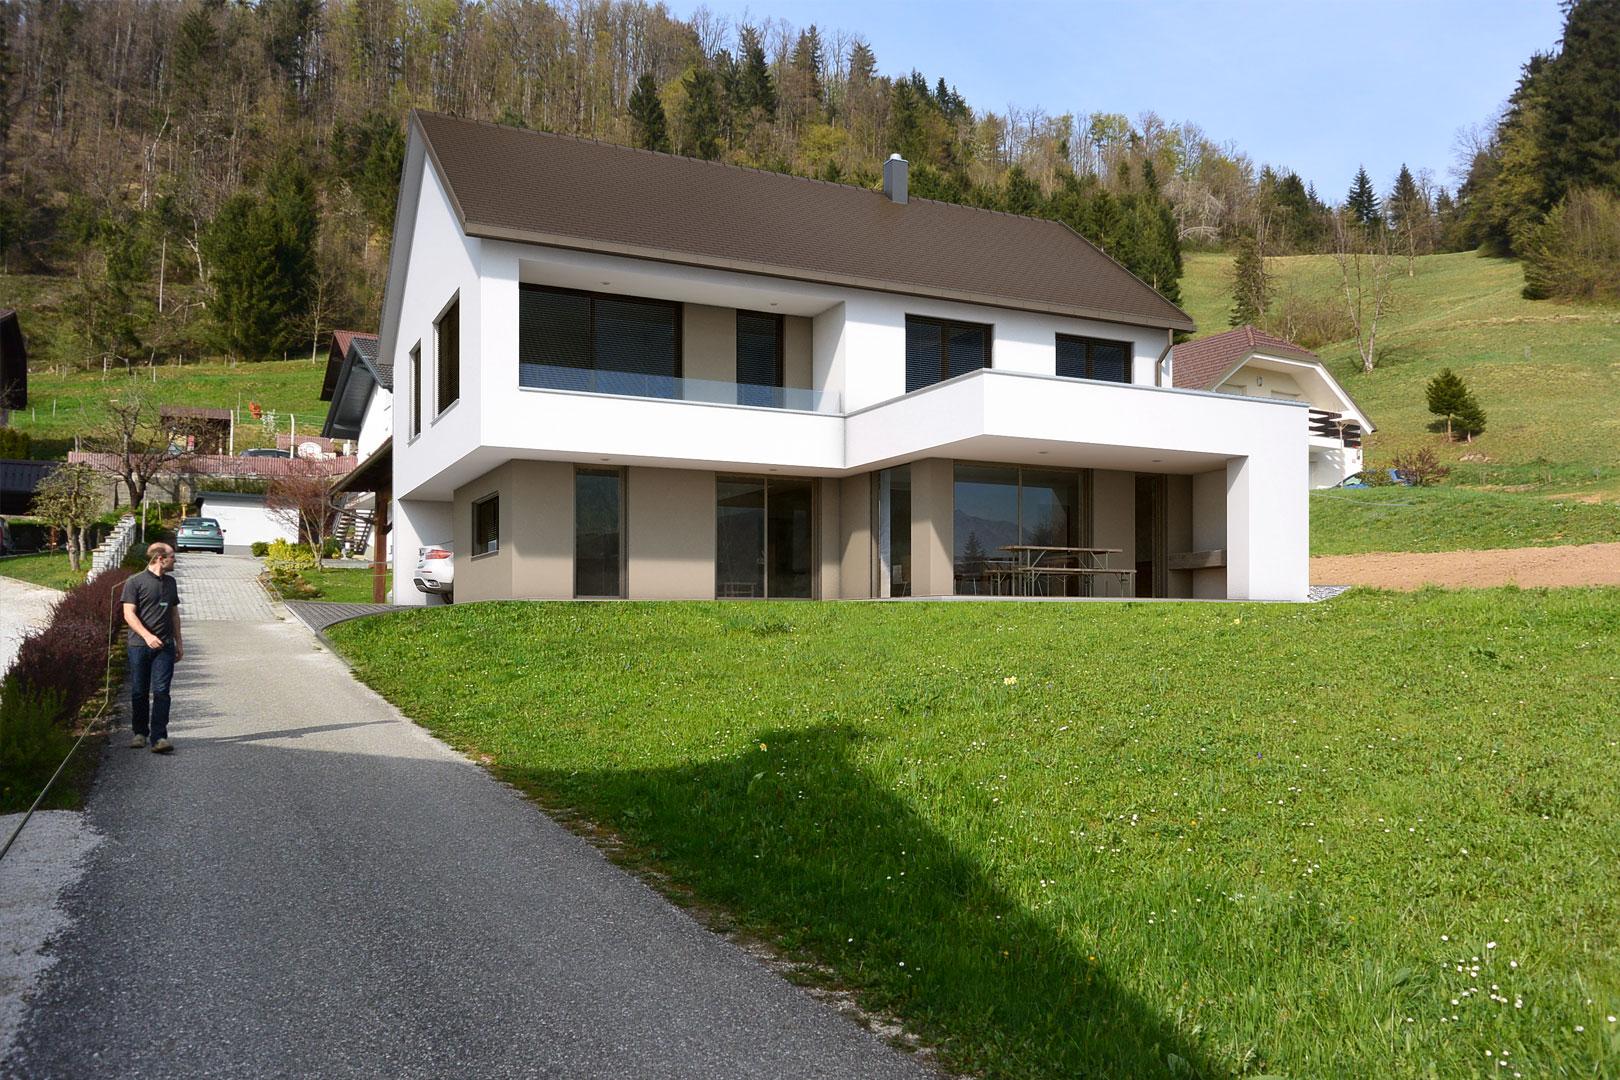 Stanovanjska hiša, Hrojul - Ljubljana